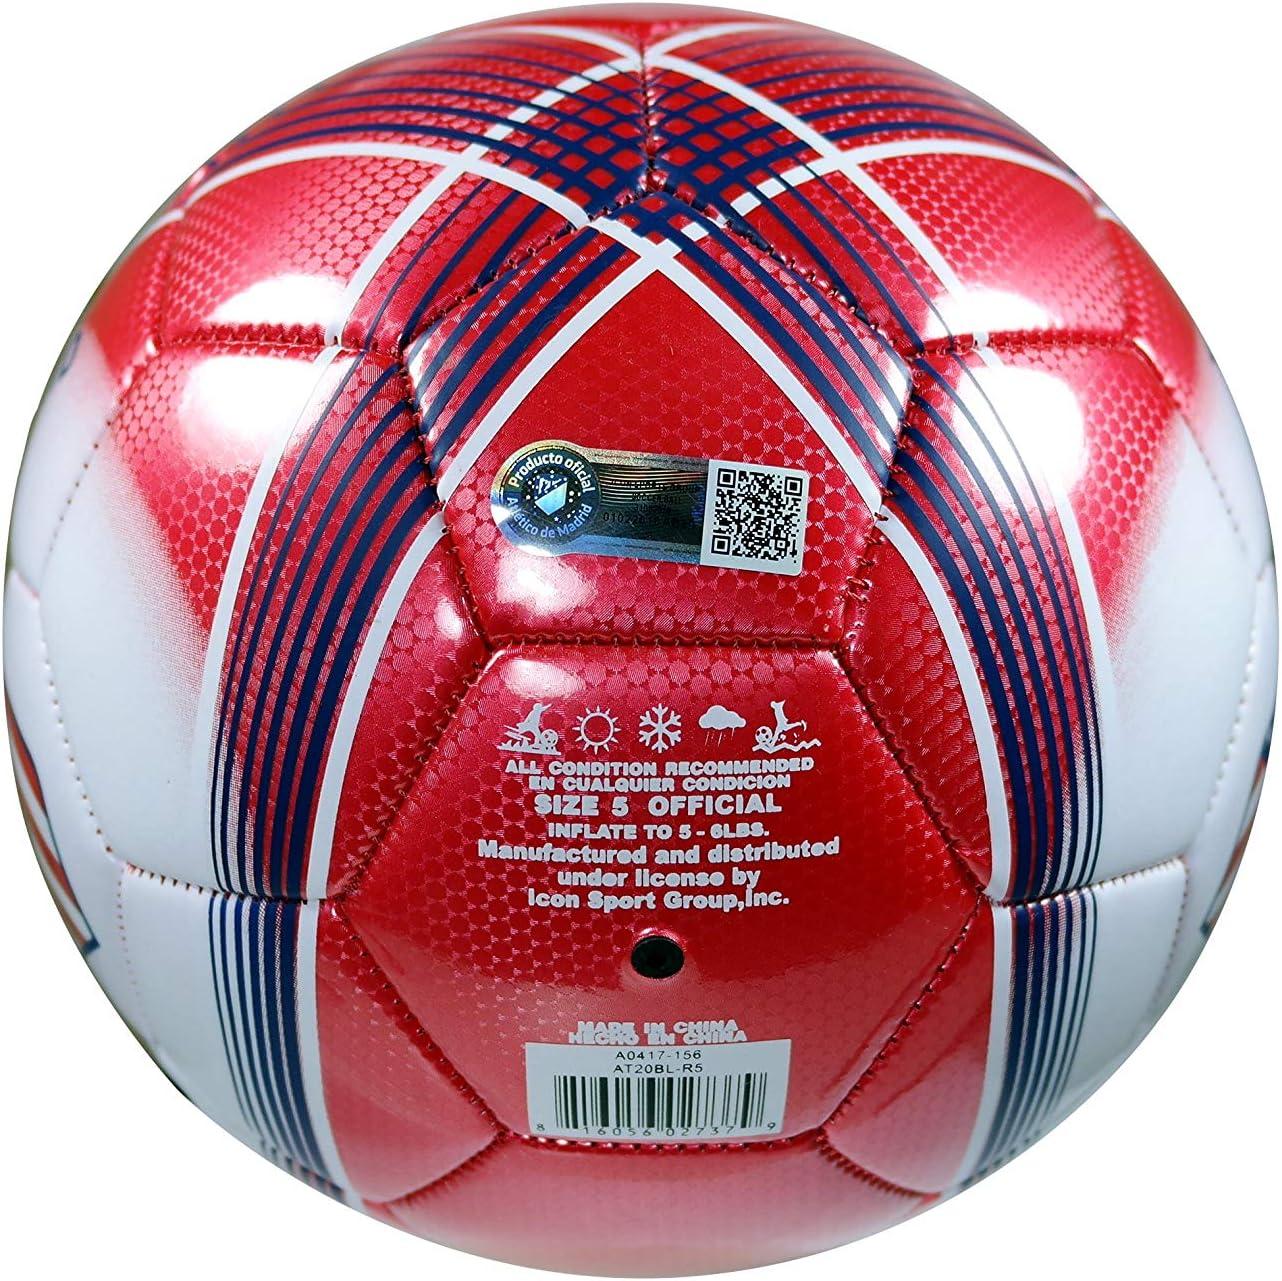 ATLETICO MADRID - Balón de fútbol Oficial (Talla 5-01), Atletico ...